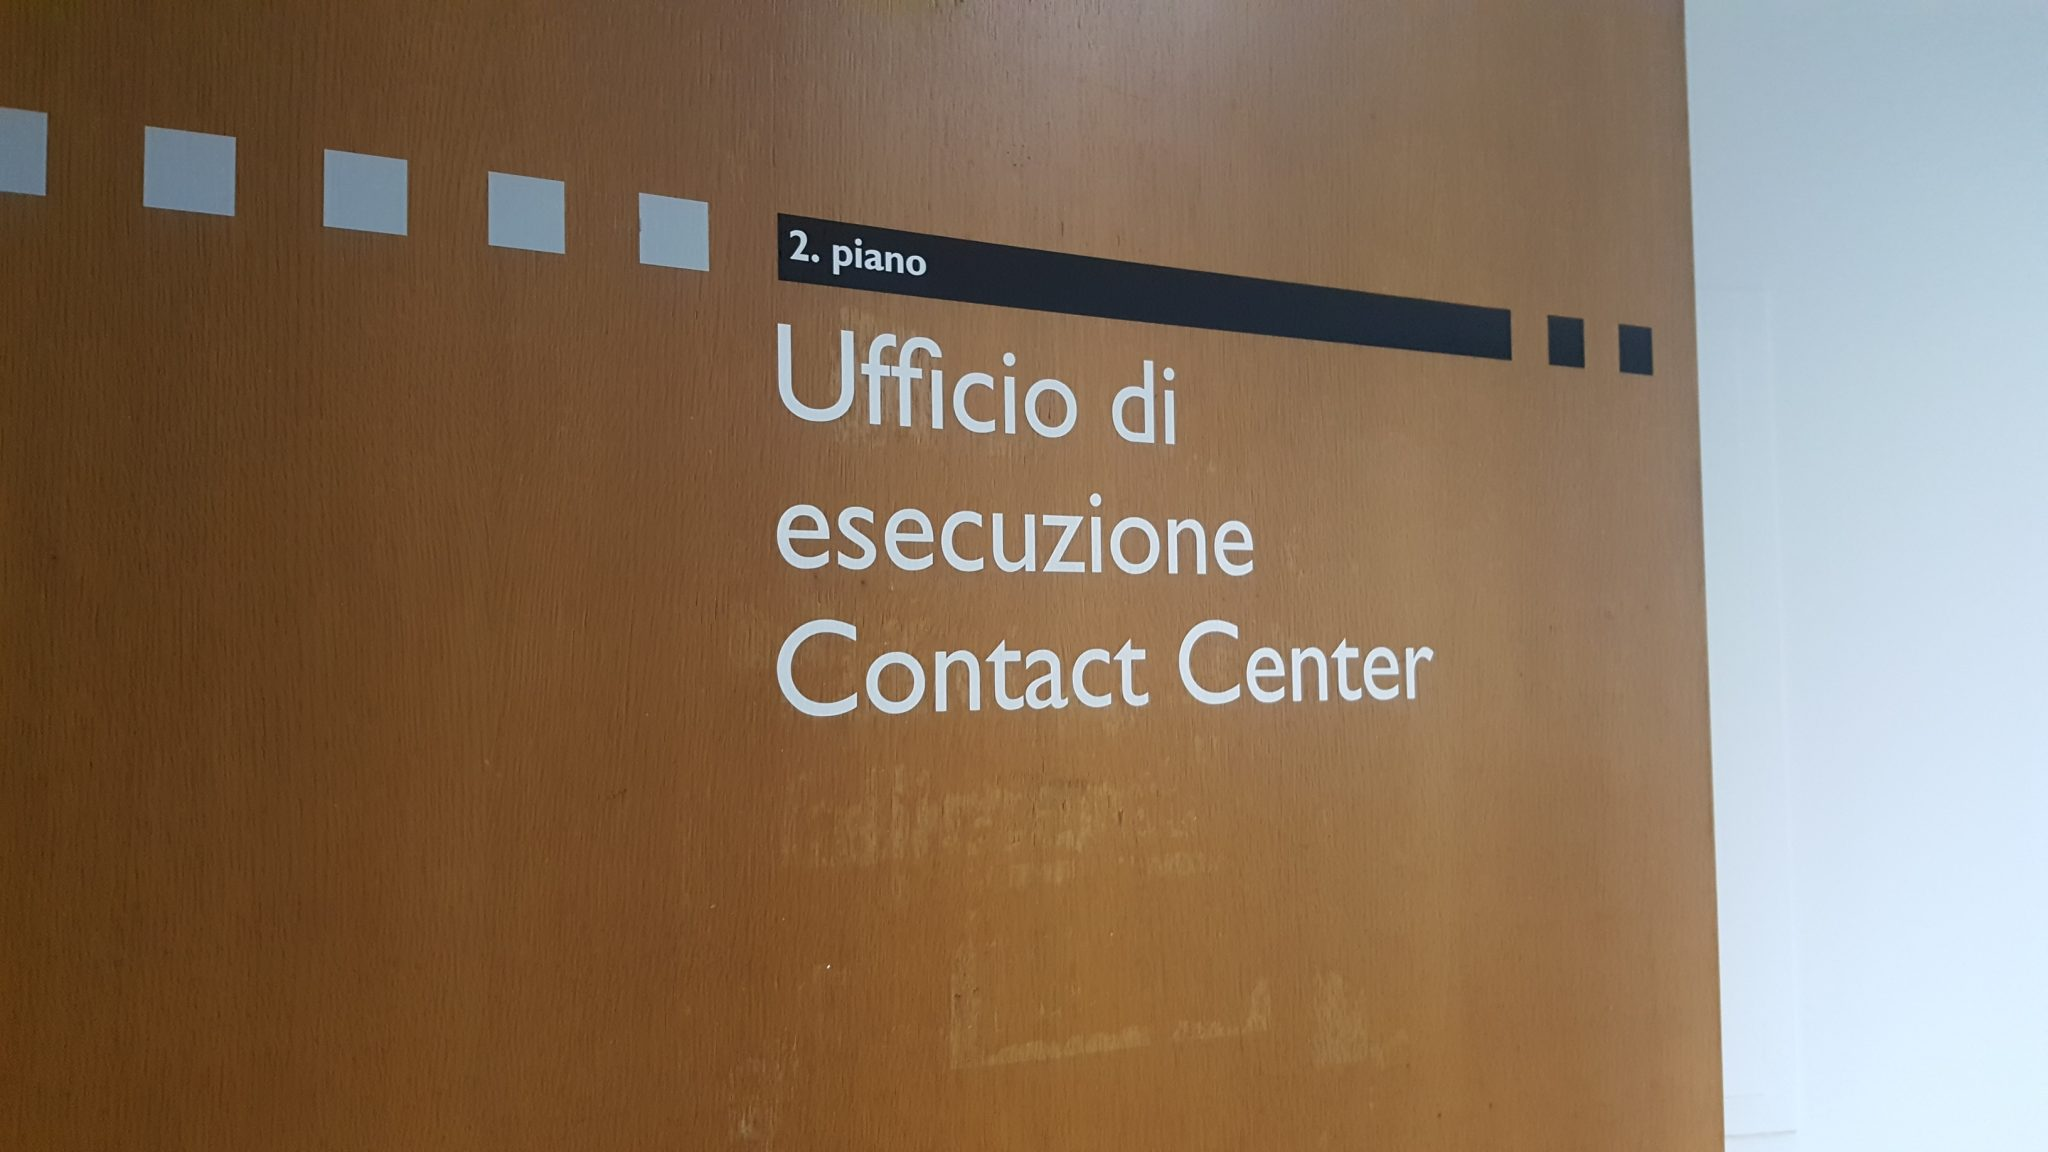 Inaugurato ufficialmente il Contact Center dell'Ufficio di esecuzione situato a Faido